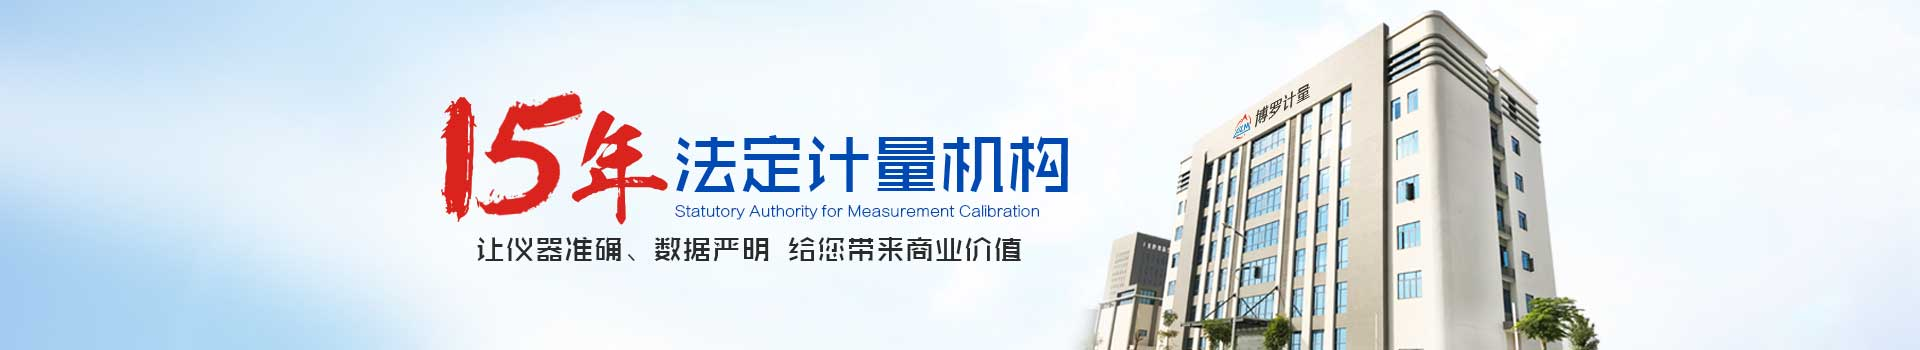 计量仪器校验选政府依法设置的国家法定计量检定机构!